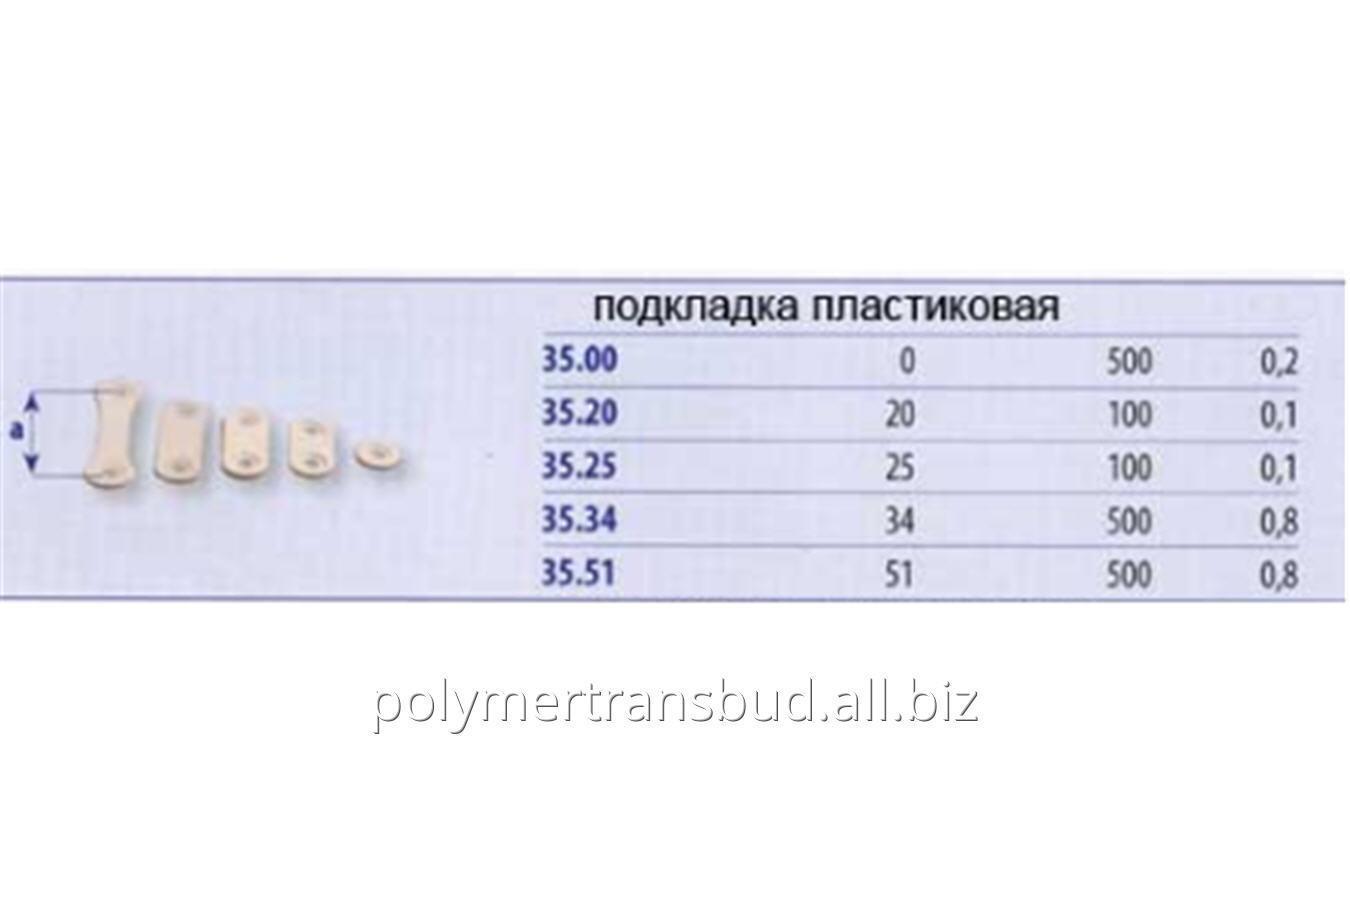 prokladka_plastikovaya